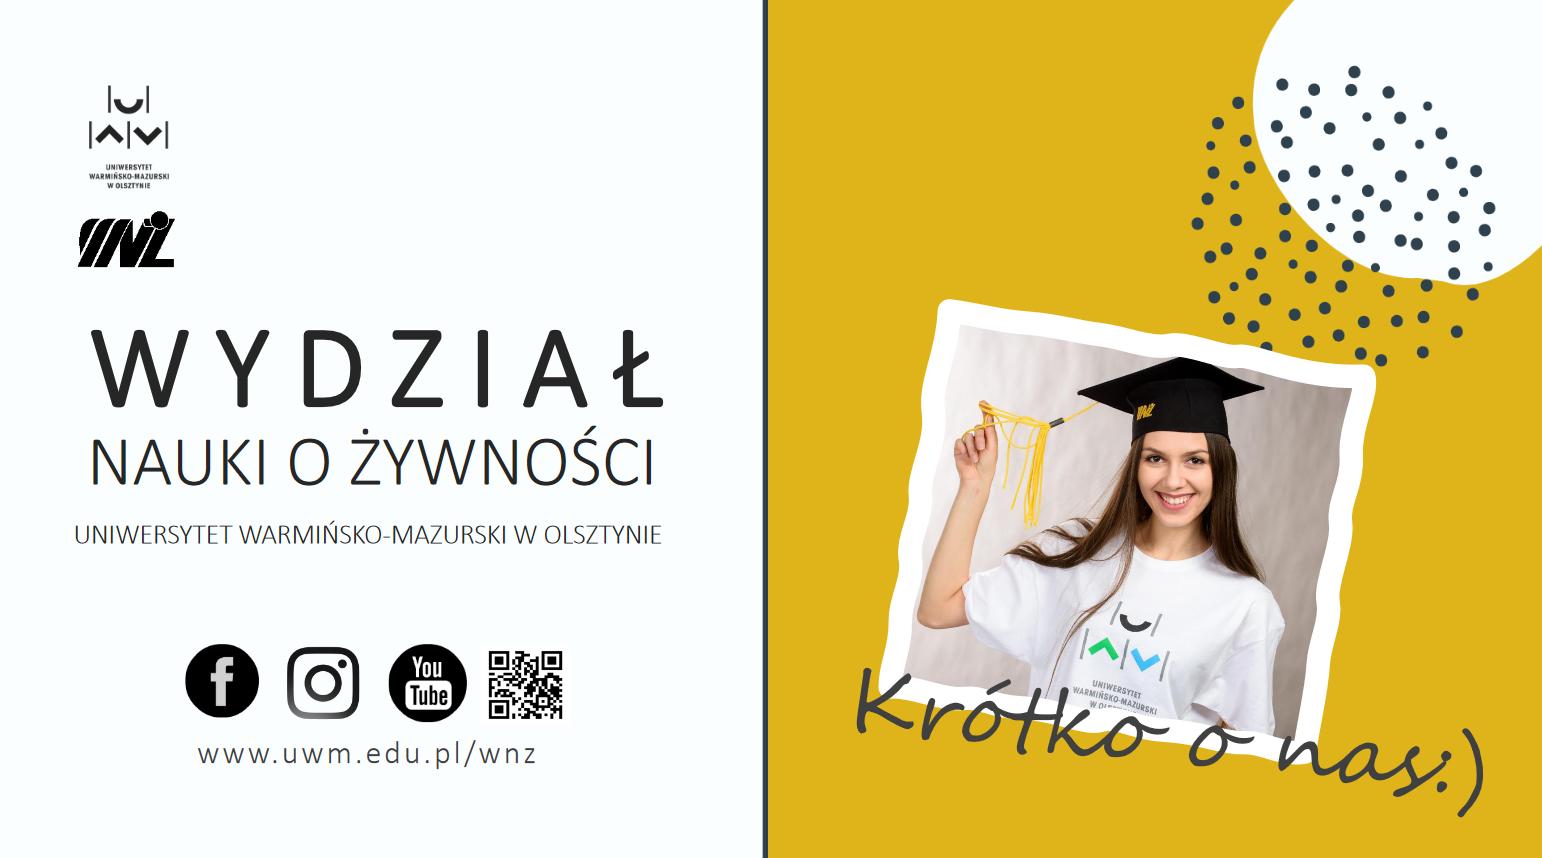 studentka w czapce rogatce na żółtym tle